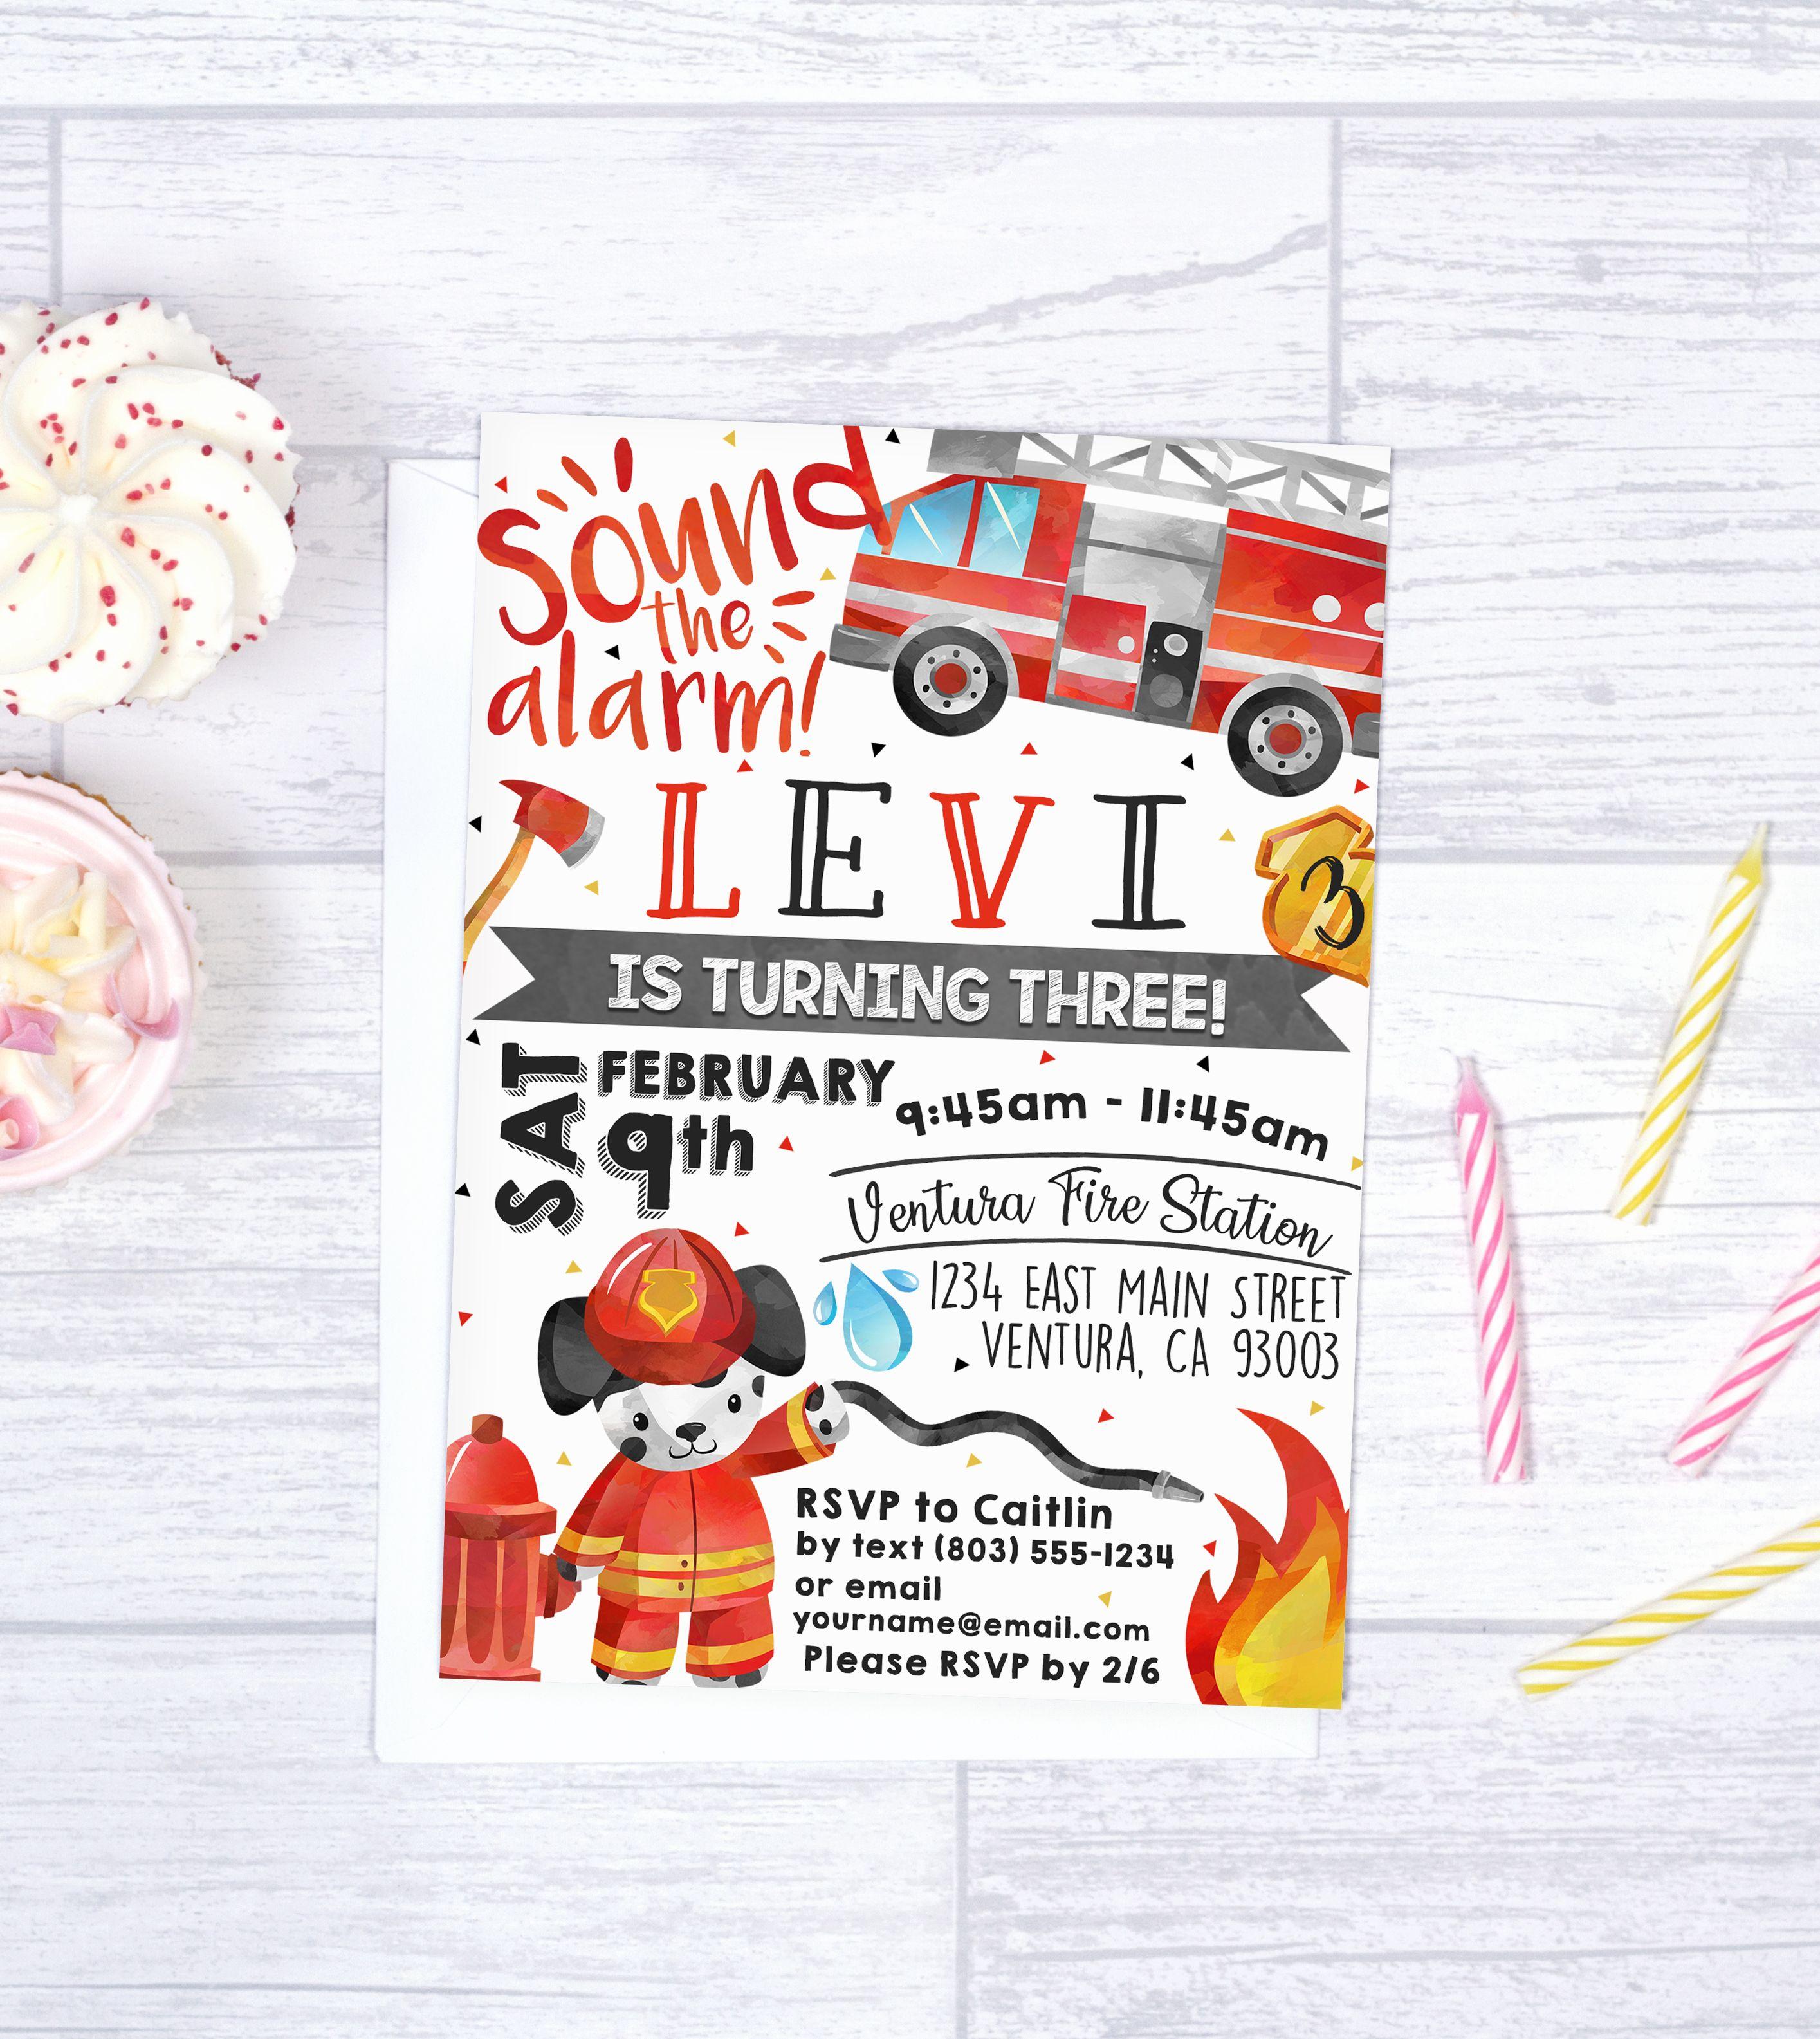 Firetruck Invitation Firestation birthday invitation